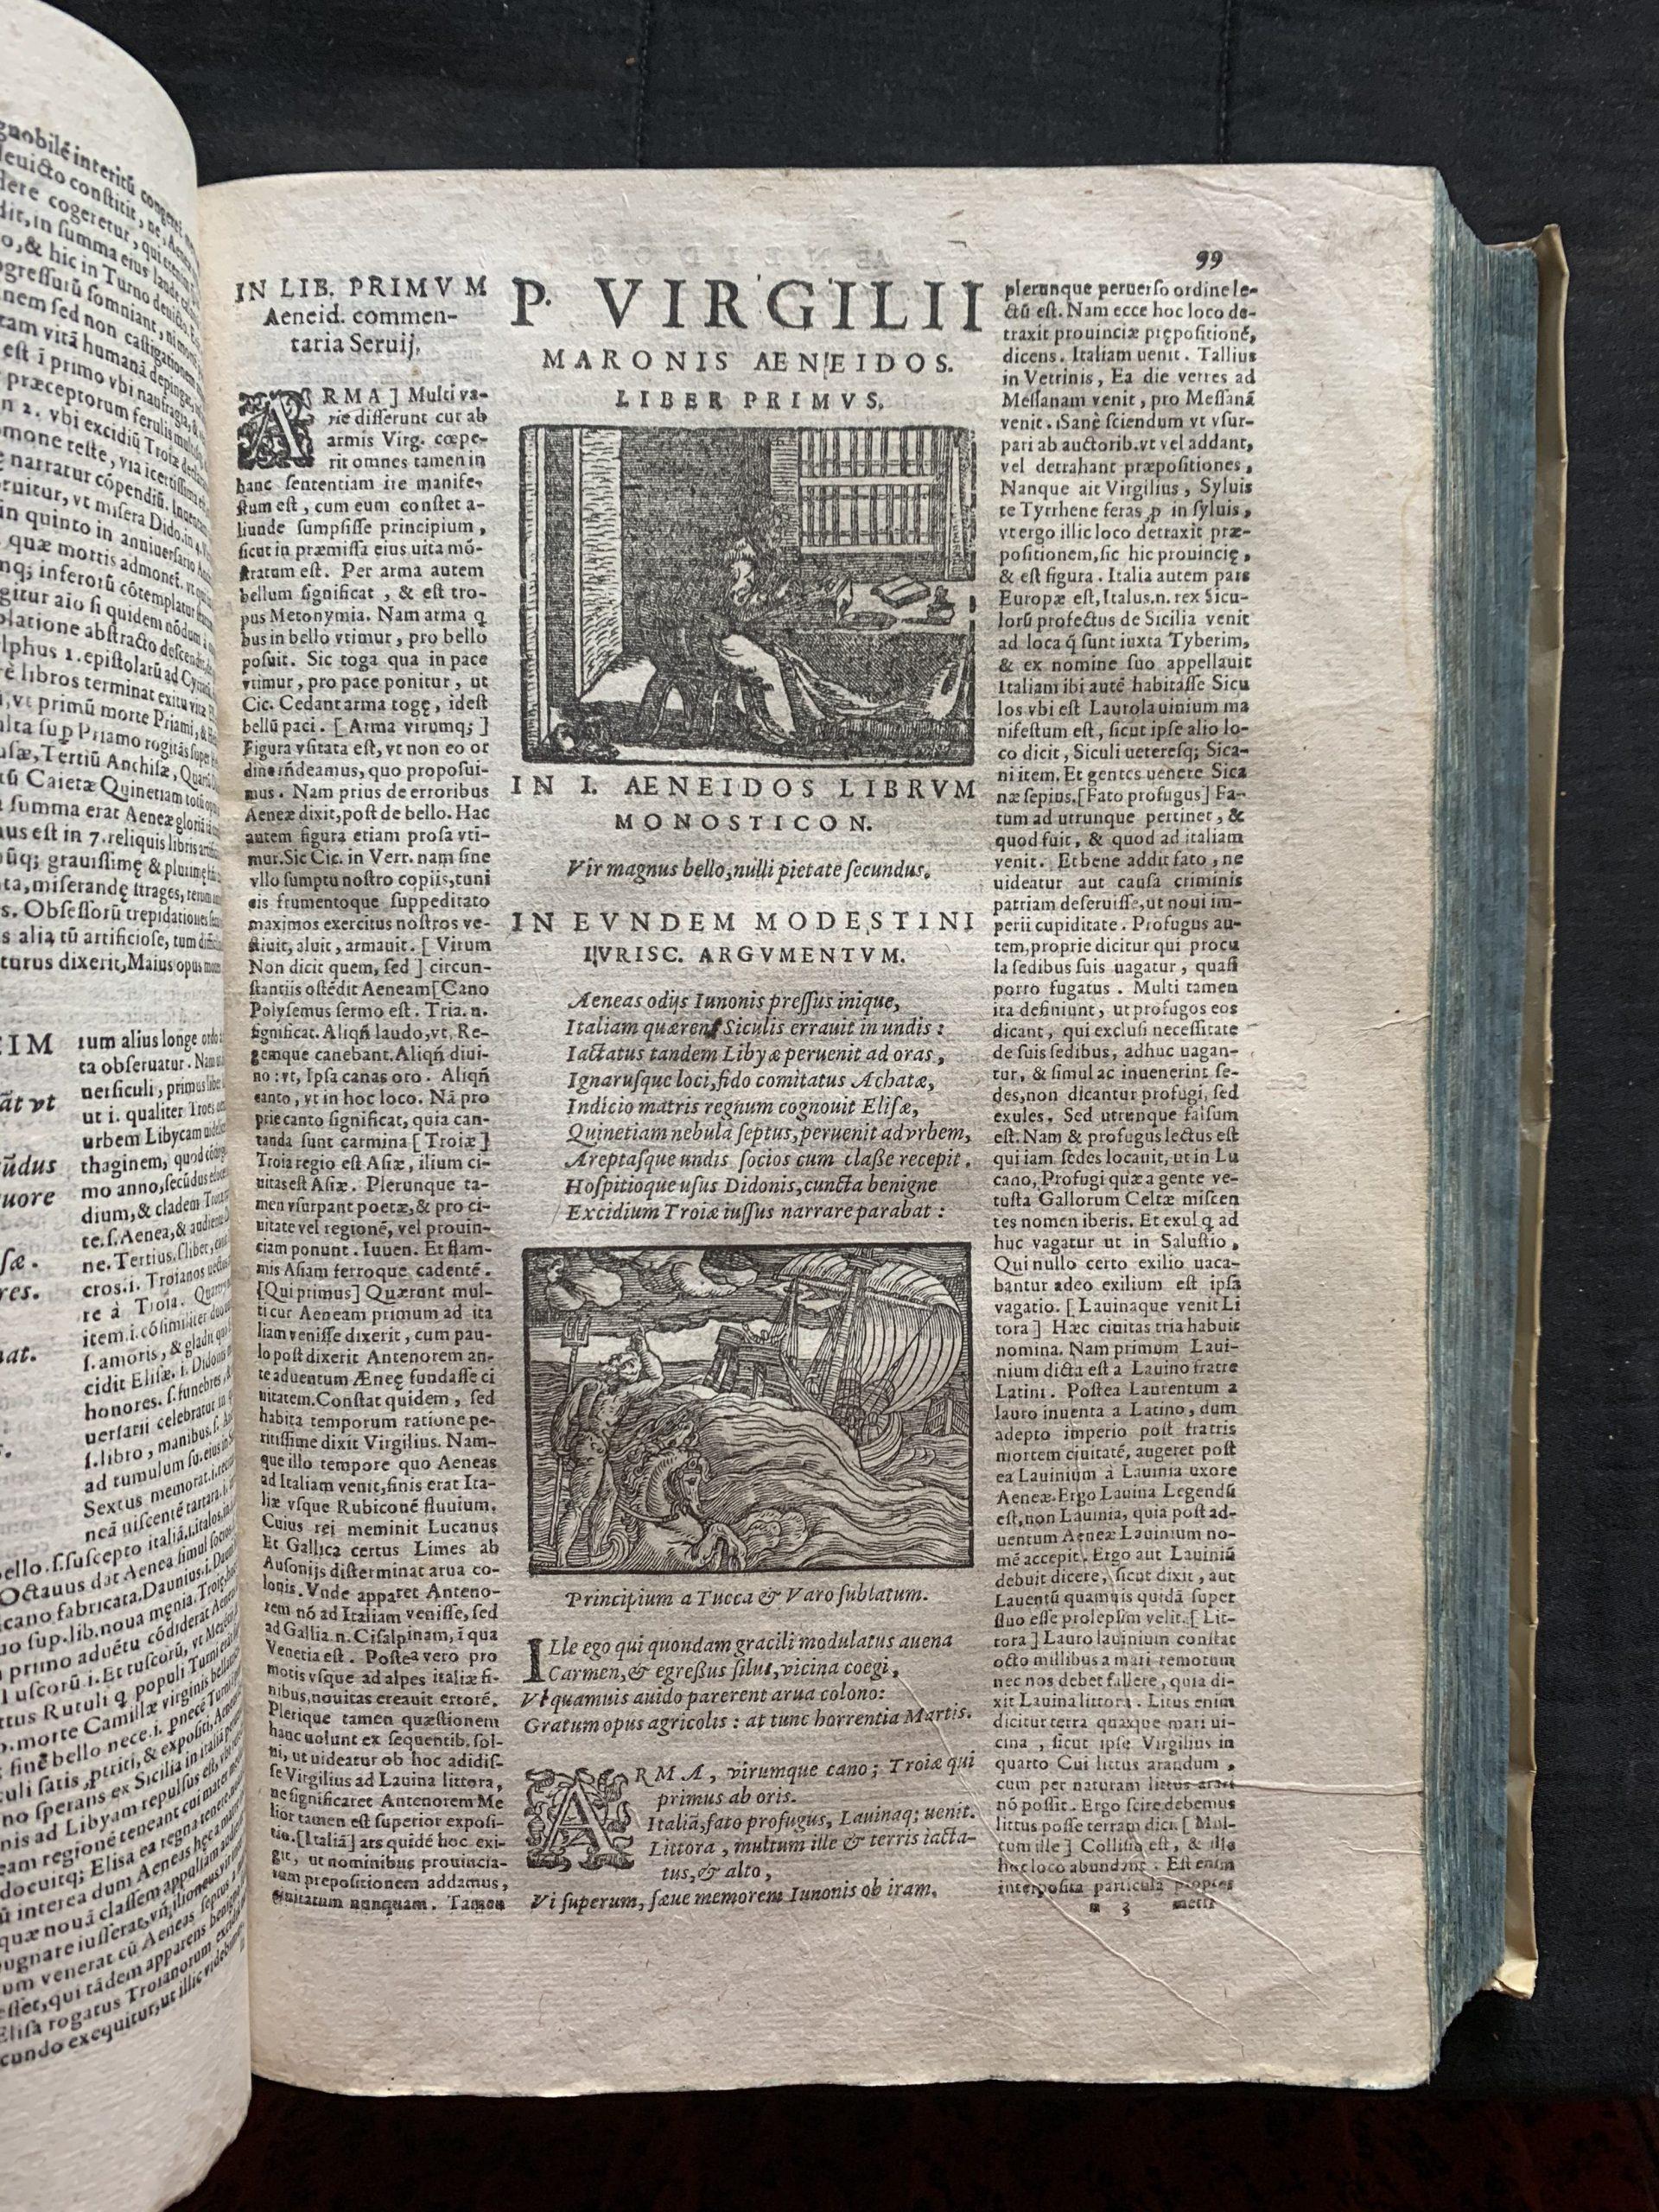 VERGILIUS MARO, Publius; BADIUS, Josse; PROBUS, Marcus Valerius; SERVIUS; VIVES, Joan Lluís; et al.